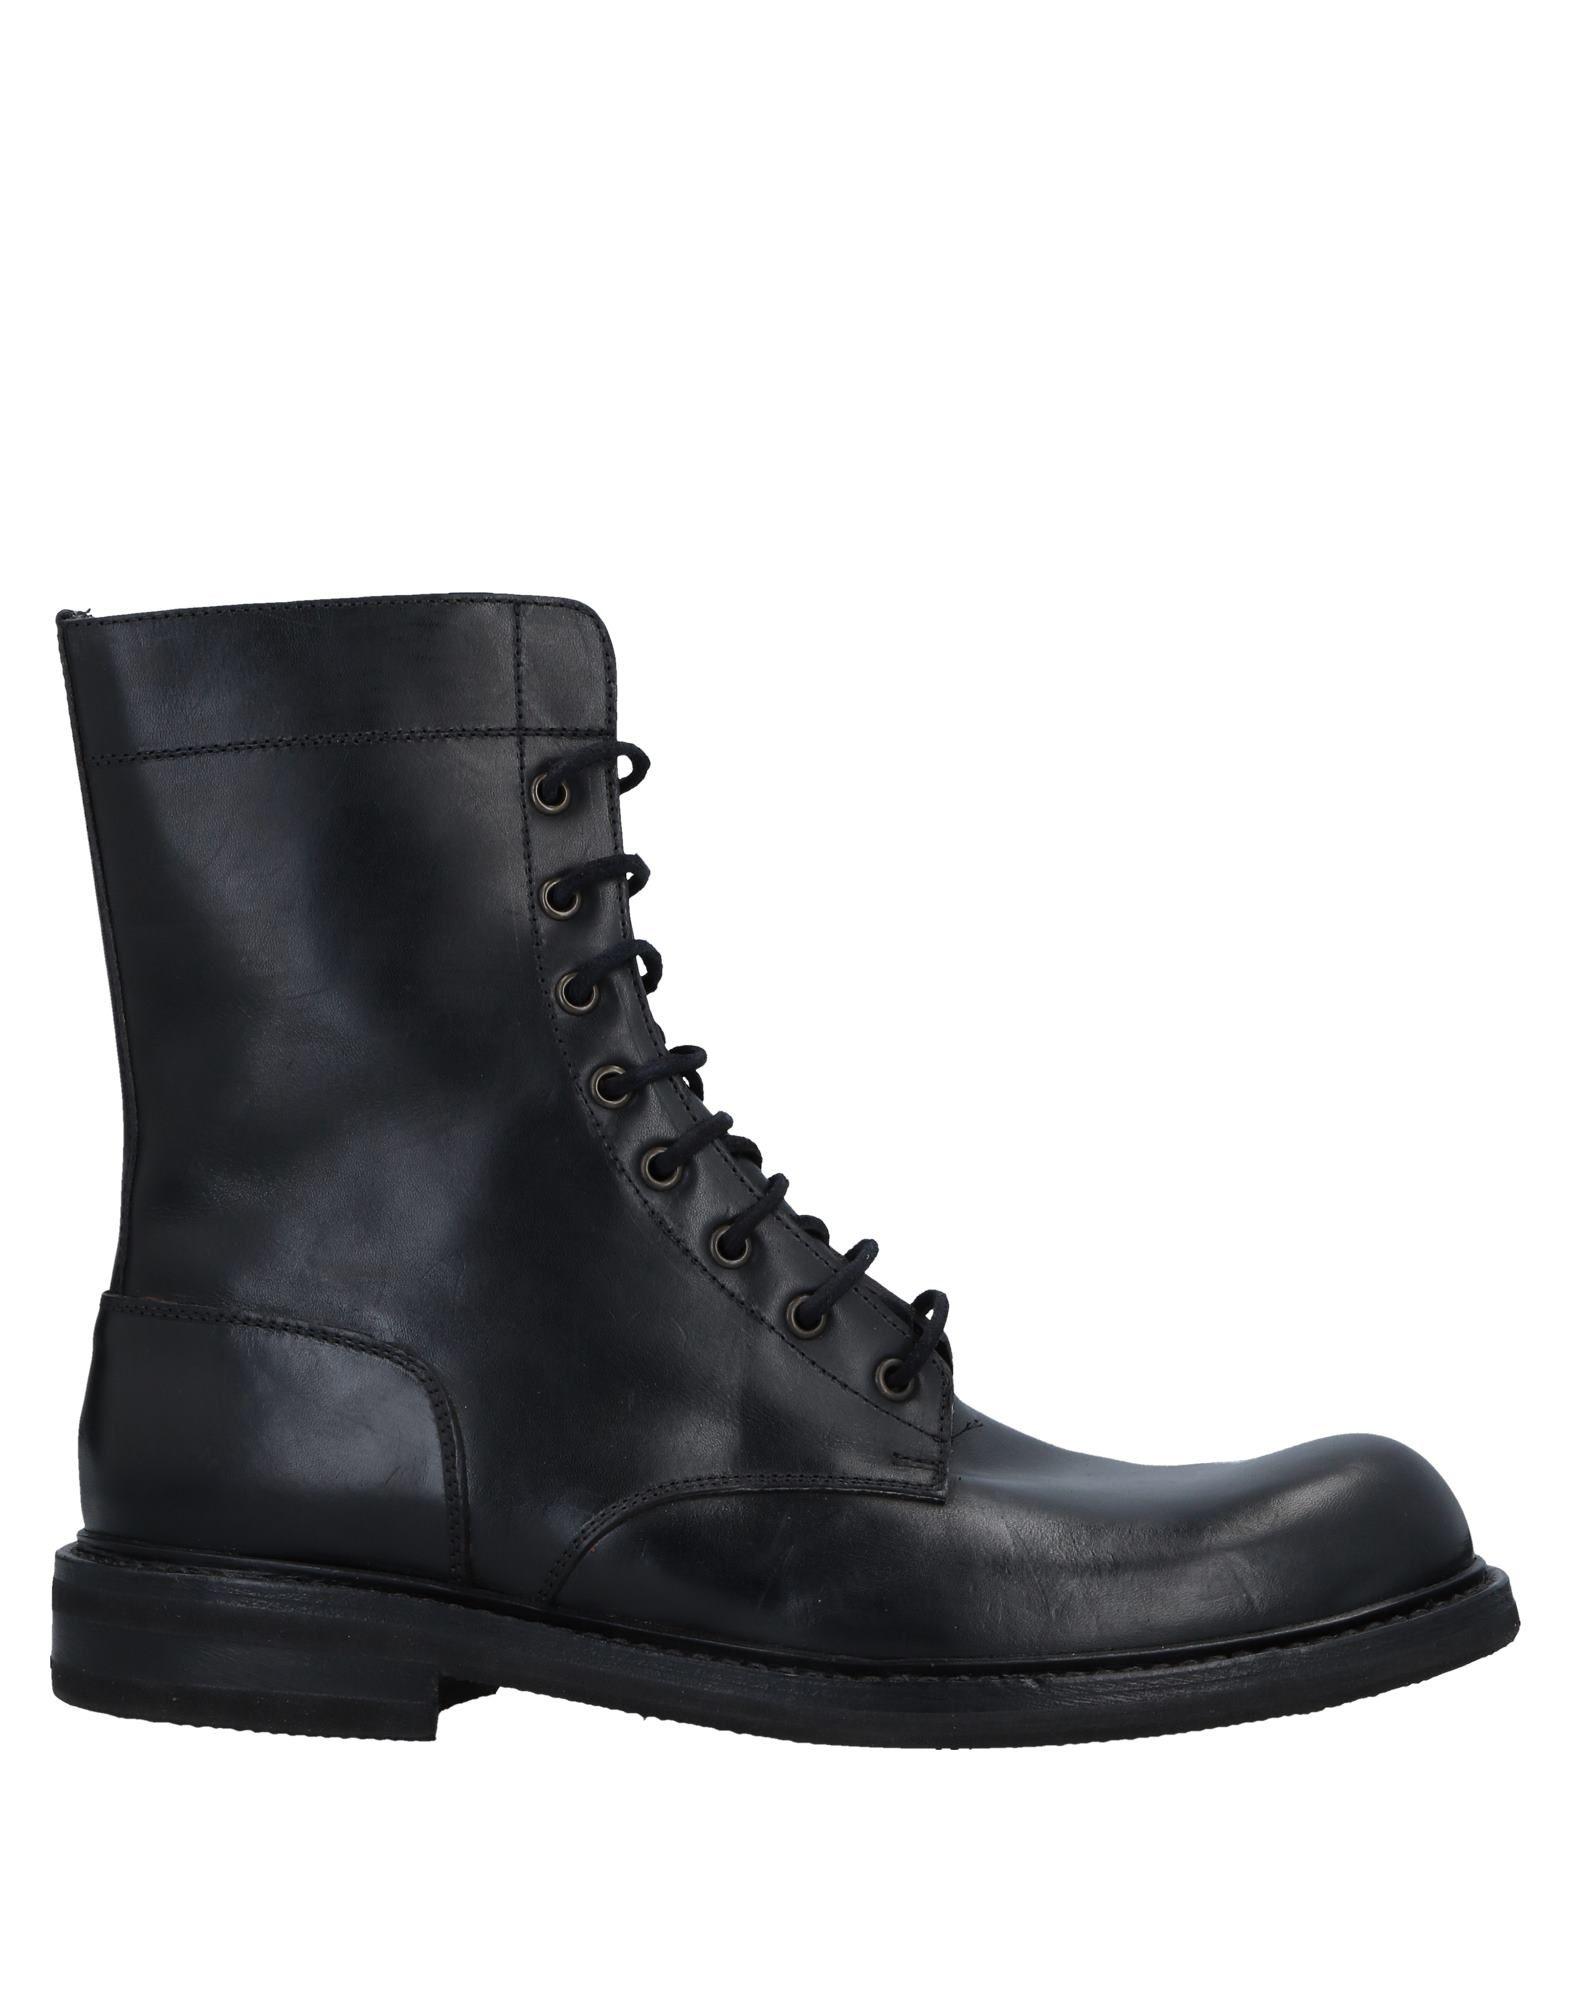 Buttero® Stiefelette Herren  11534668RW Gute Qualität beliebte Schuhe